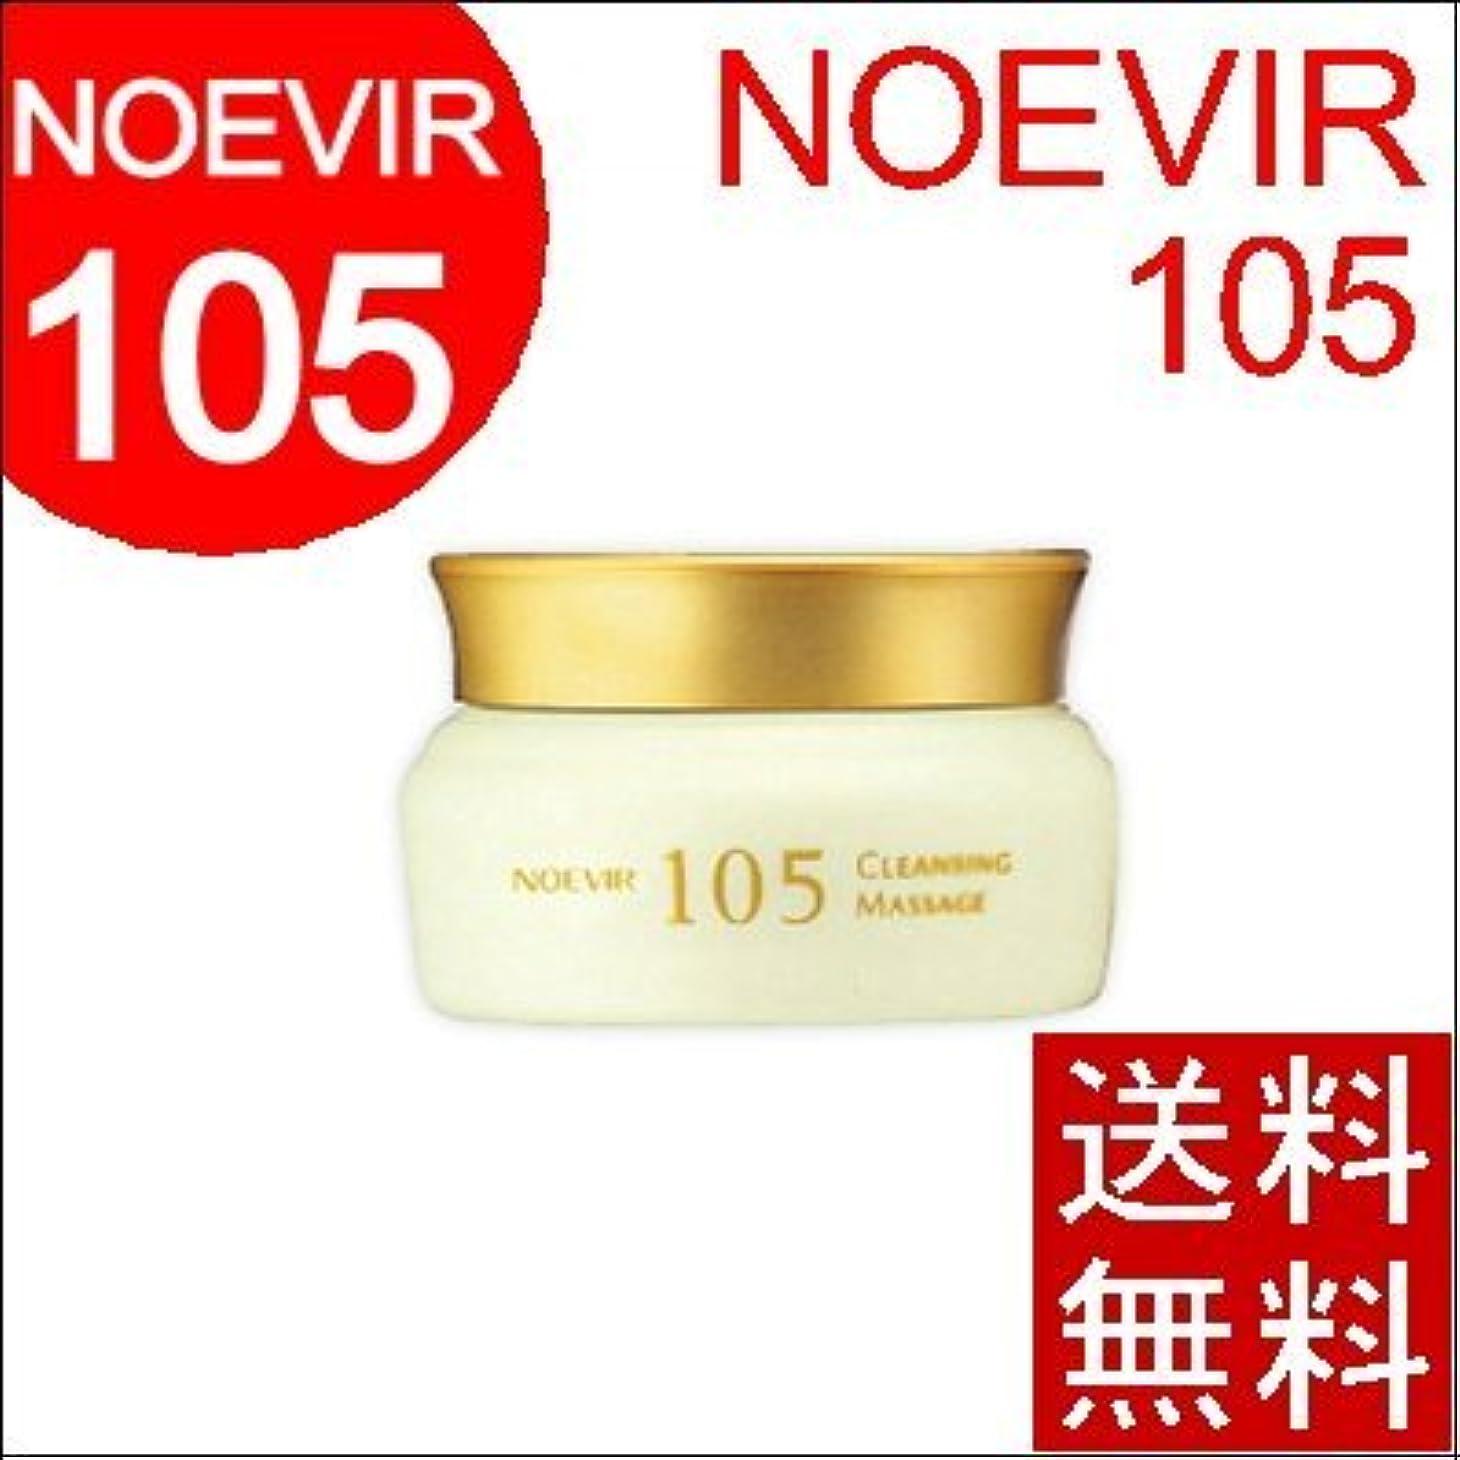 記者すごいメイトノエビア 105 クレンジングマッサージクリームN 100g